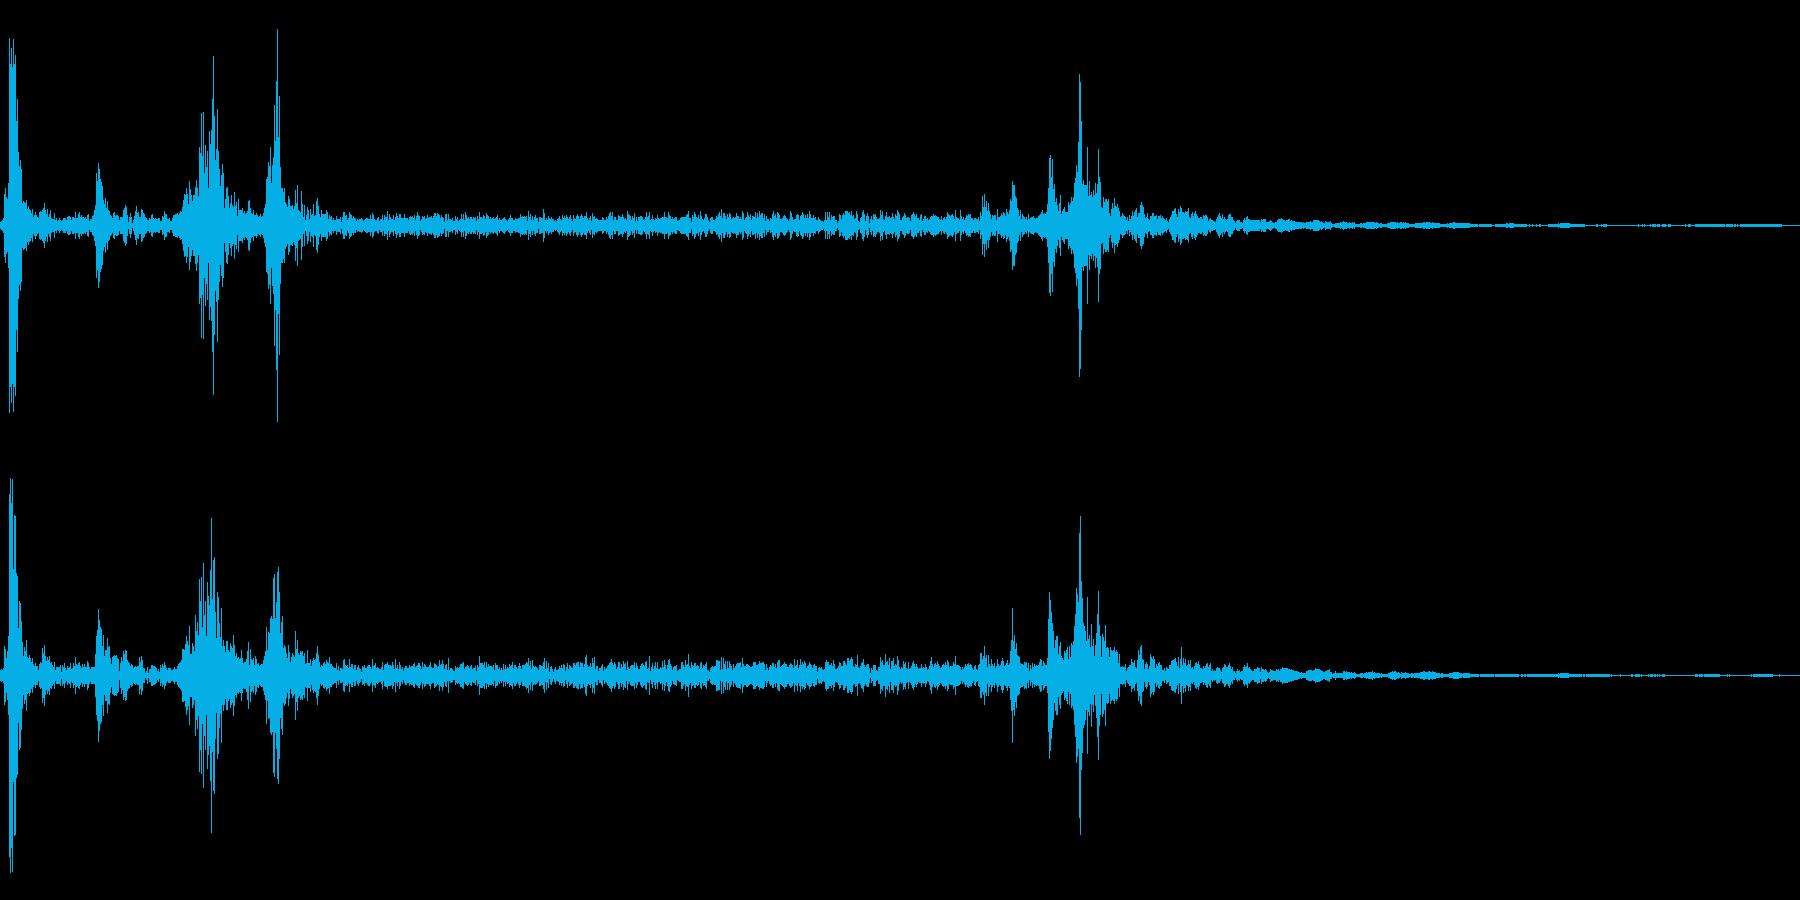 カメラのシャッター音【一眼レフ・リアル】の再生済みの波形